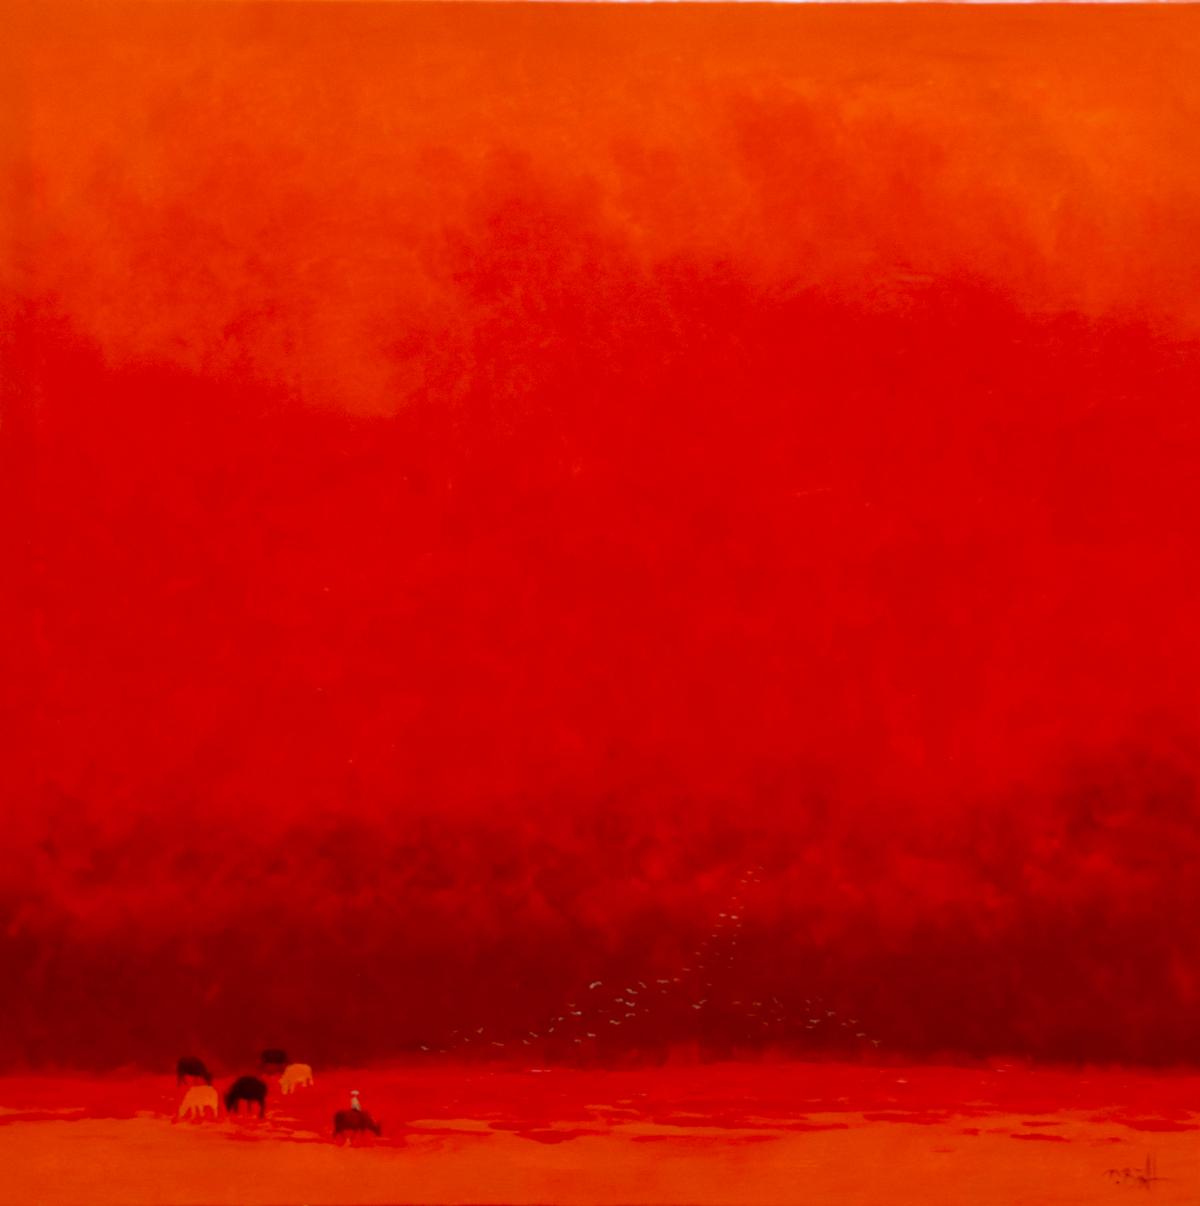 Red Summer - Original Vietnamese Paintings